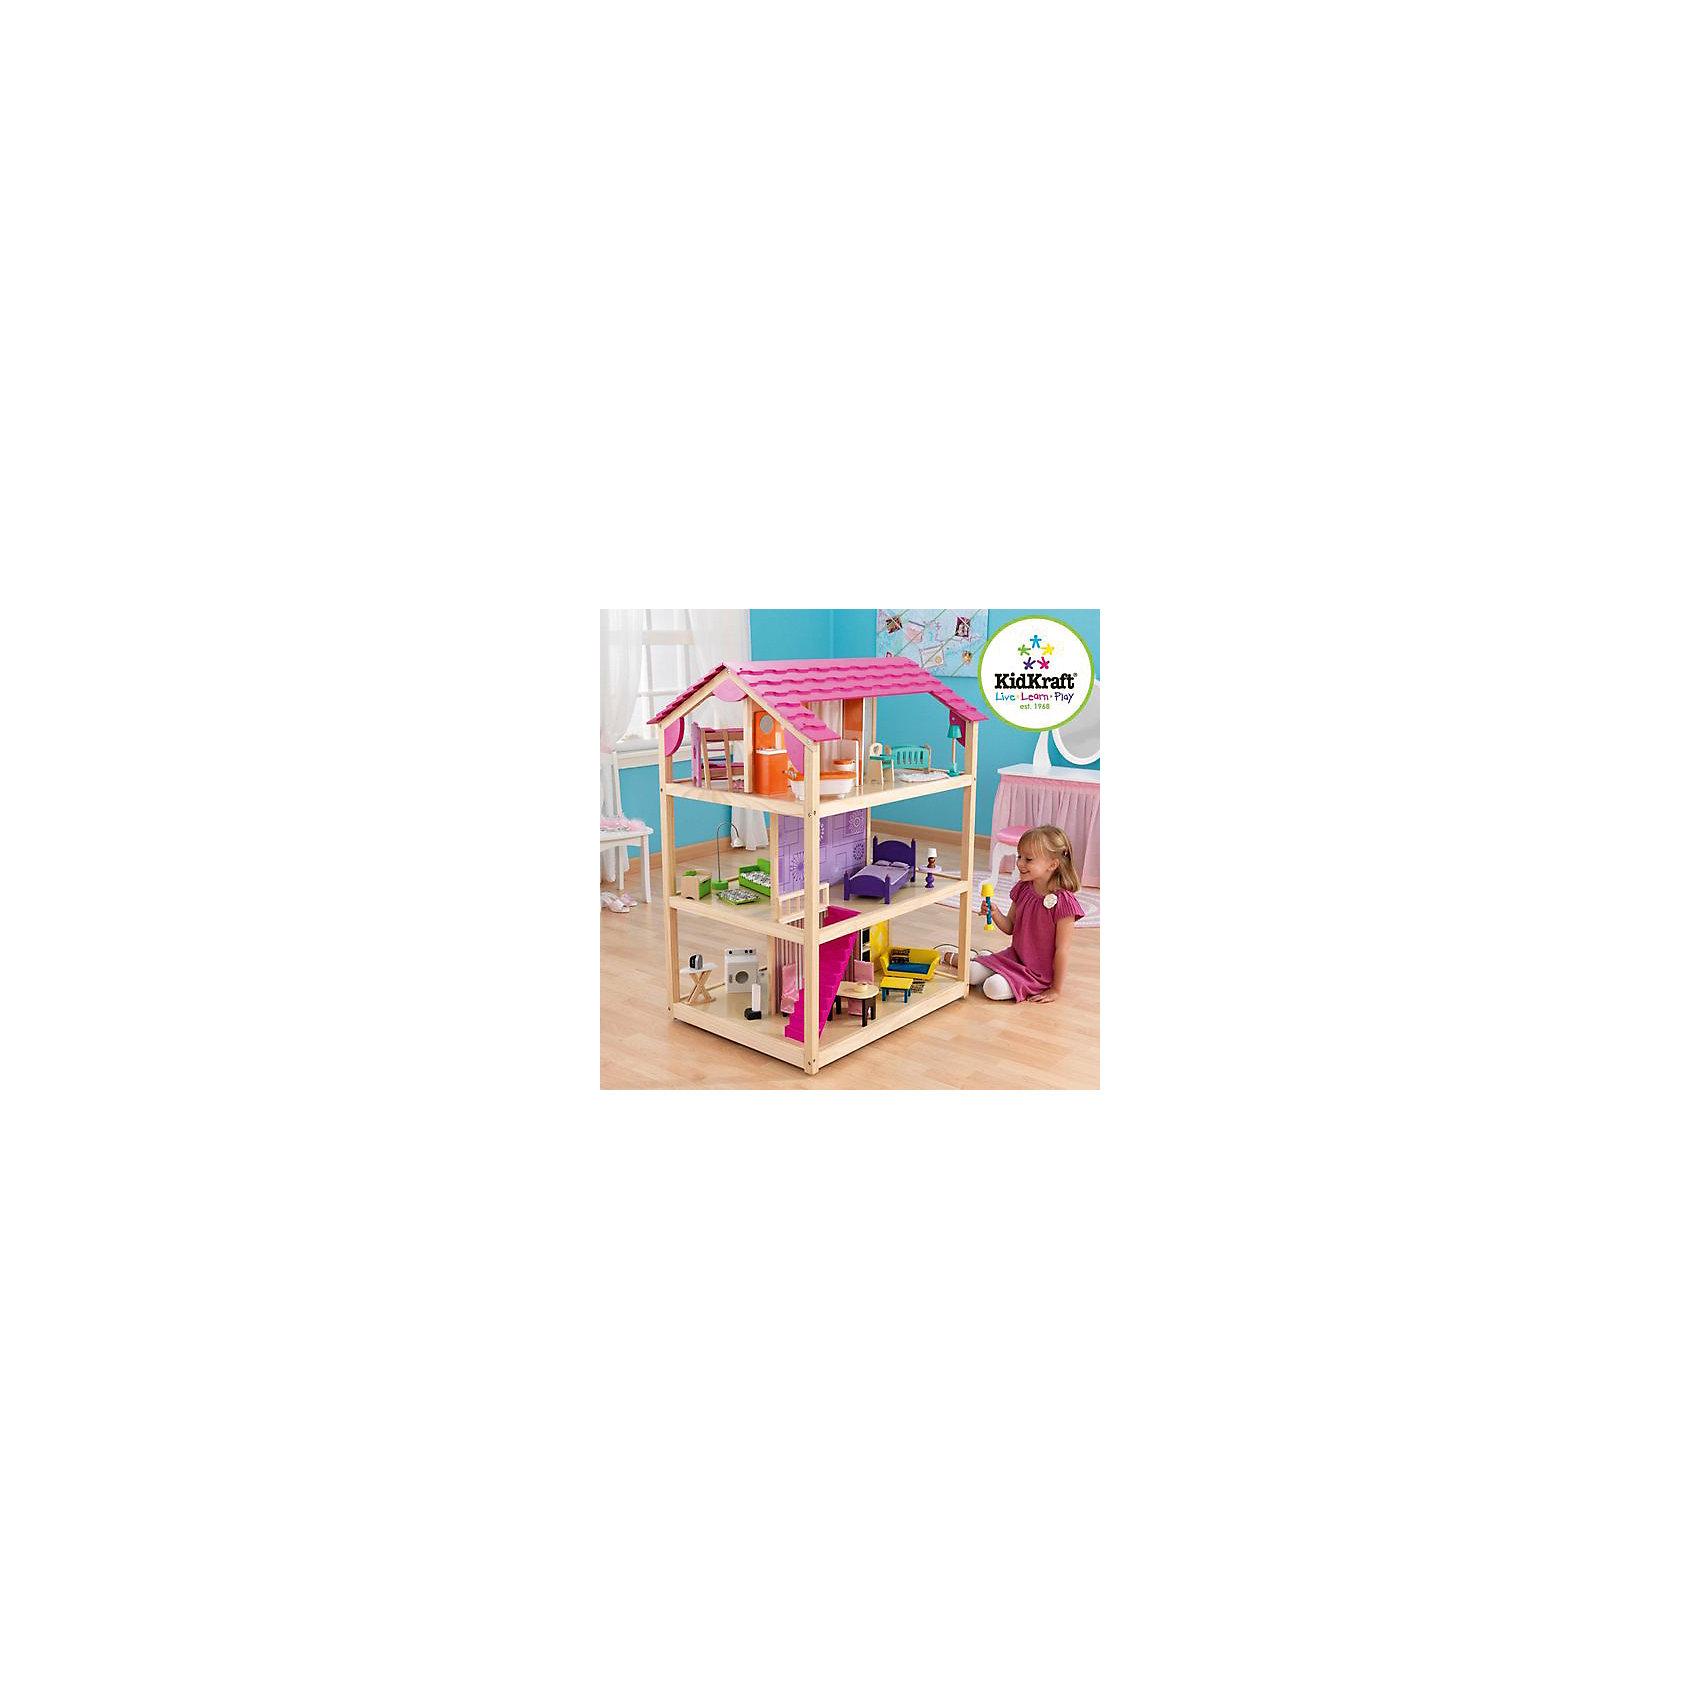 KidKraft Кукольный домик для Барби Самый роскошный (So Chic), с мебелью, 45 пр., на колесиках, KidKraft kidkraft кукольный домик кайли